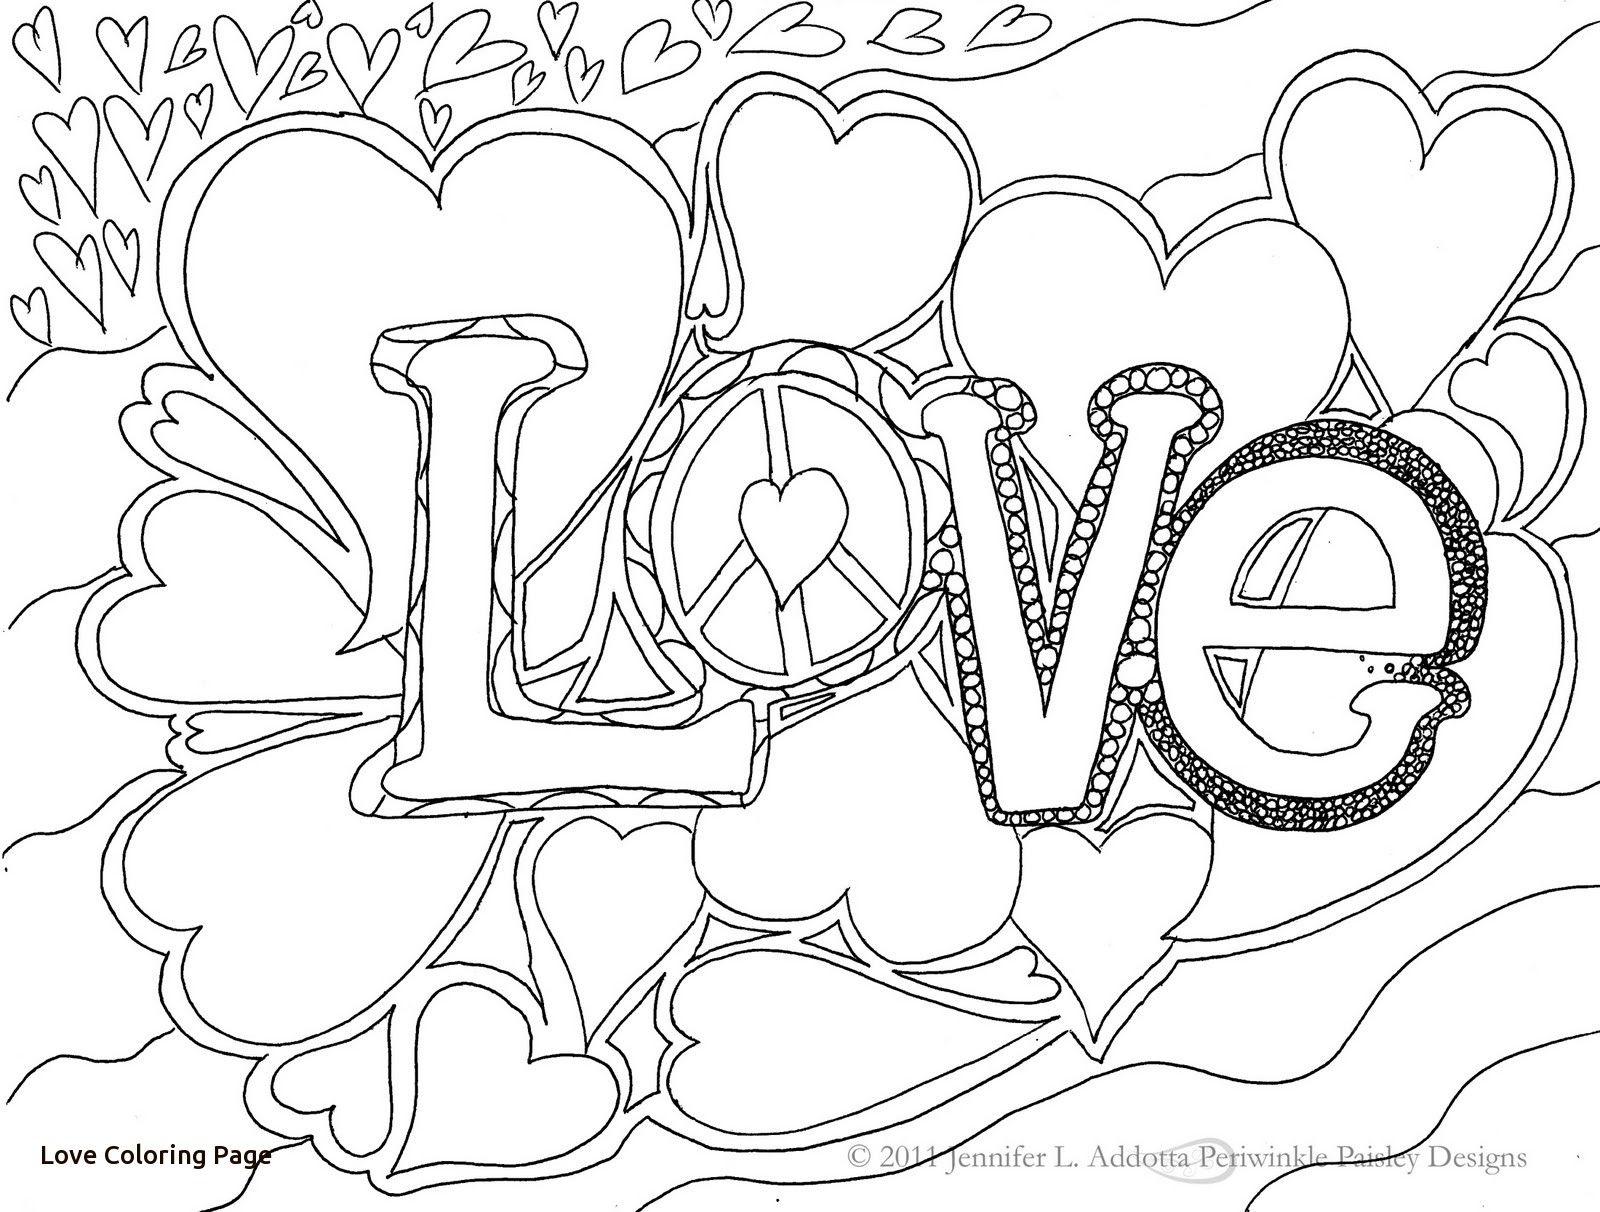 Free Coloring Pages Love Quote Valentine Coloring Printable For Love Coloring Page Kleurplaten Kleurplaten Voor Volwassenen Kleuren